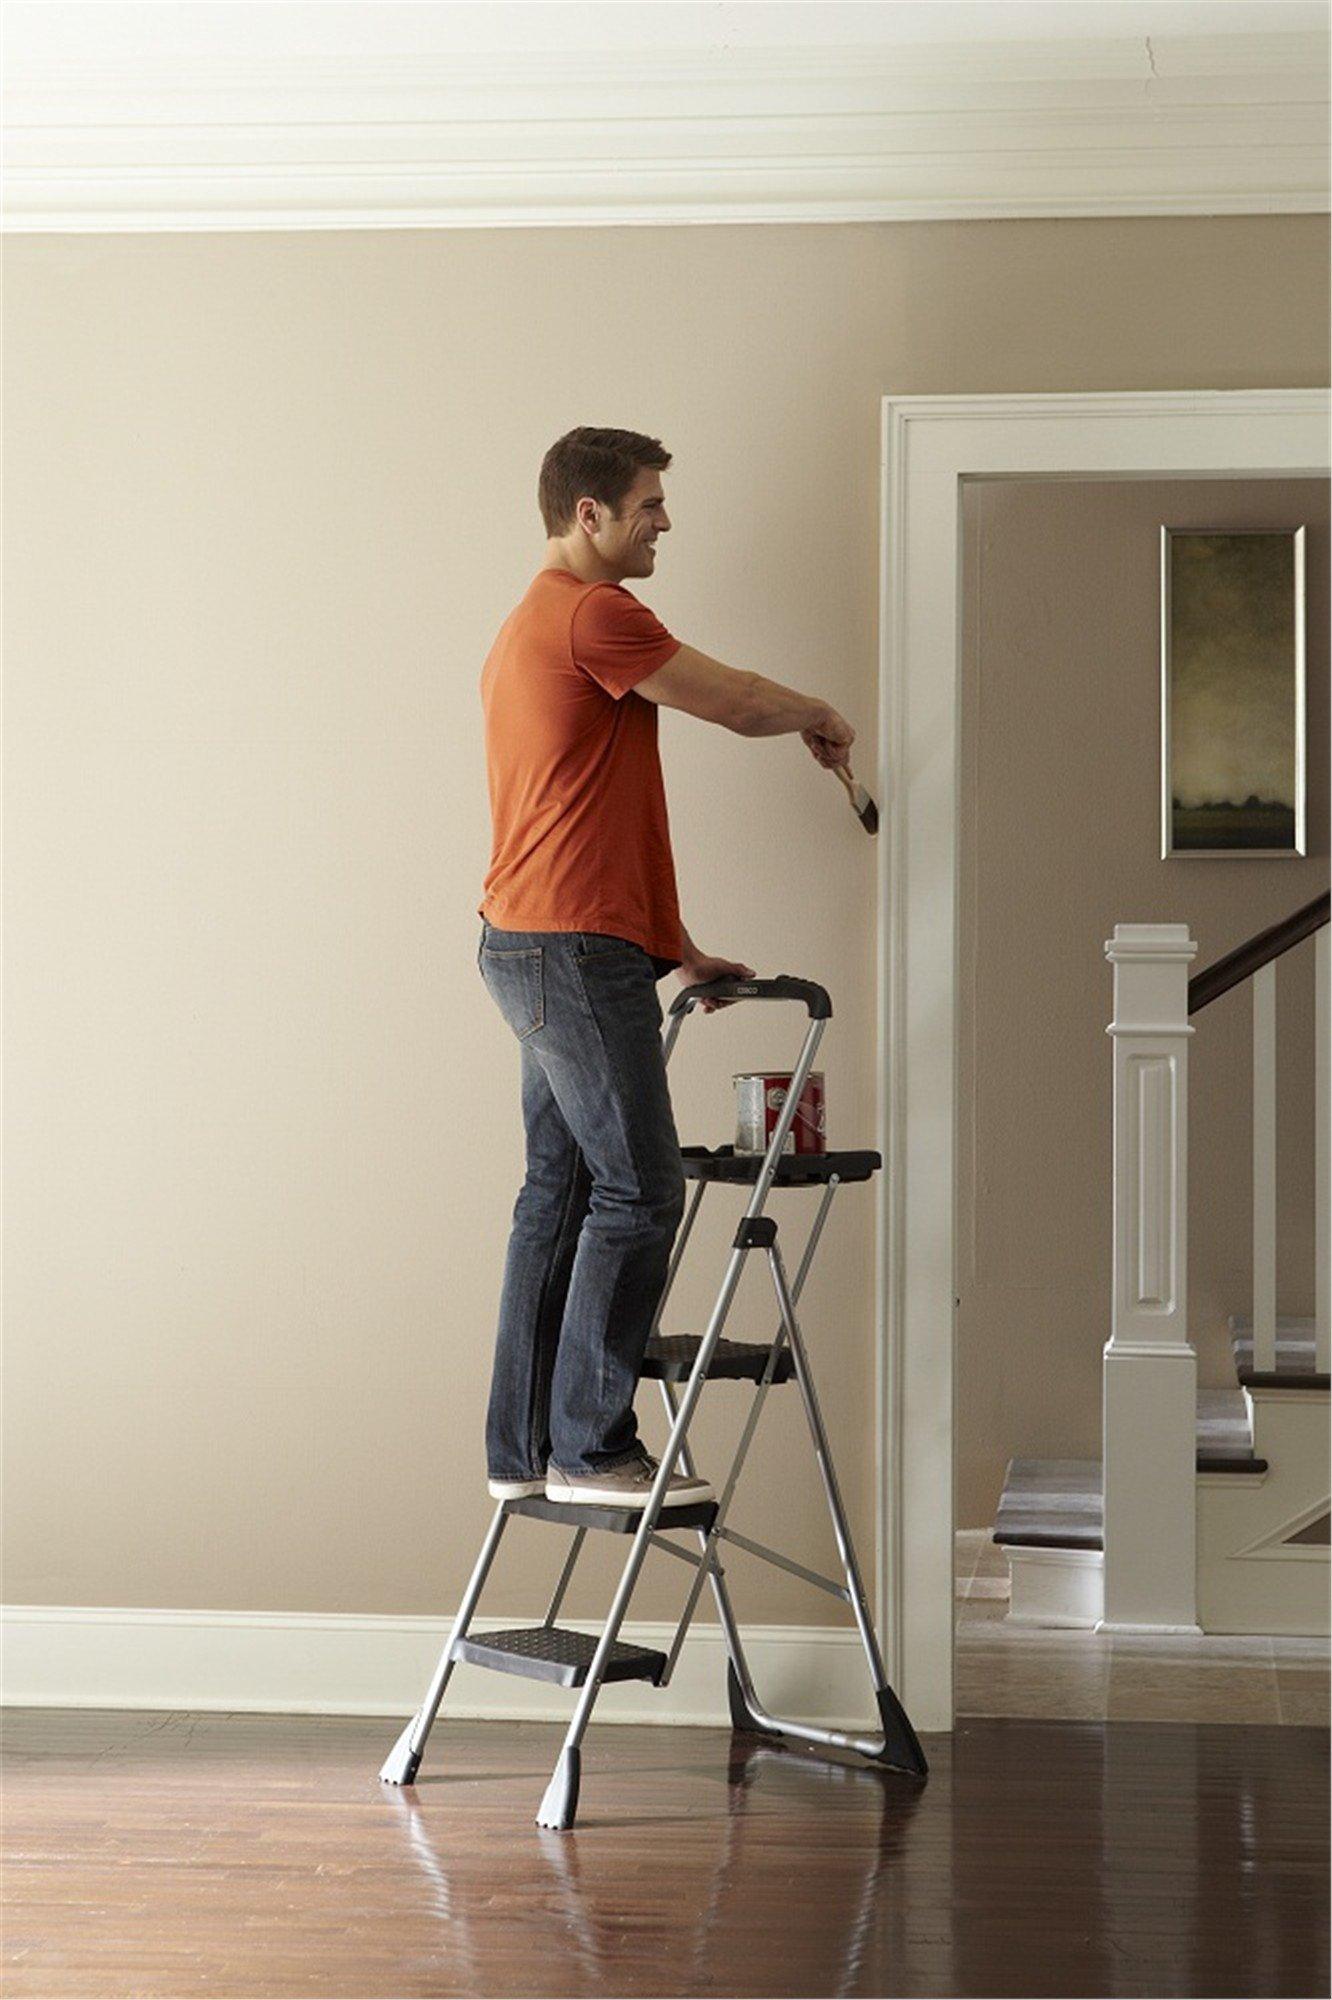 New Cosco Three Step Ladder Max Steel Work Platform Ebay